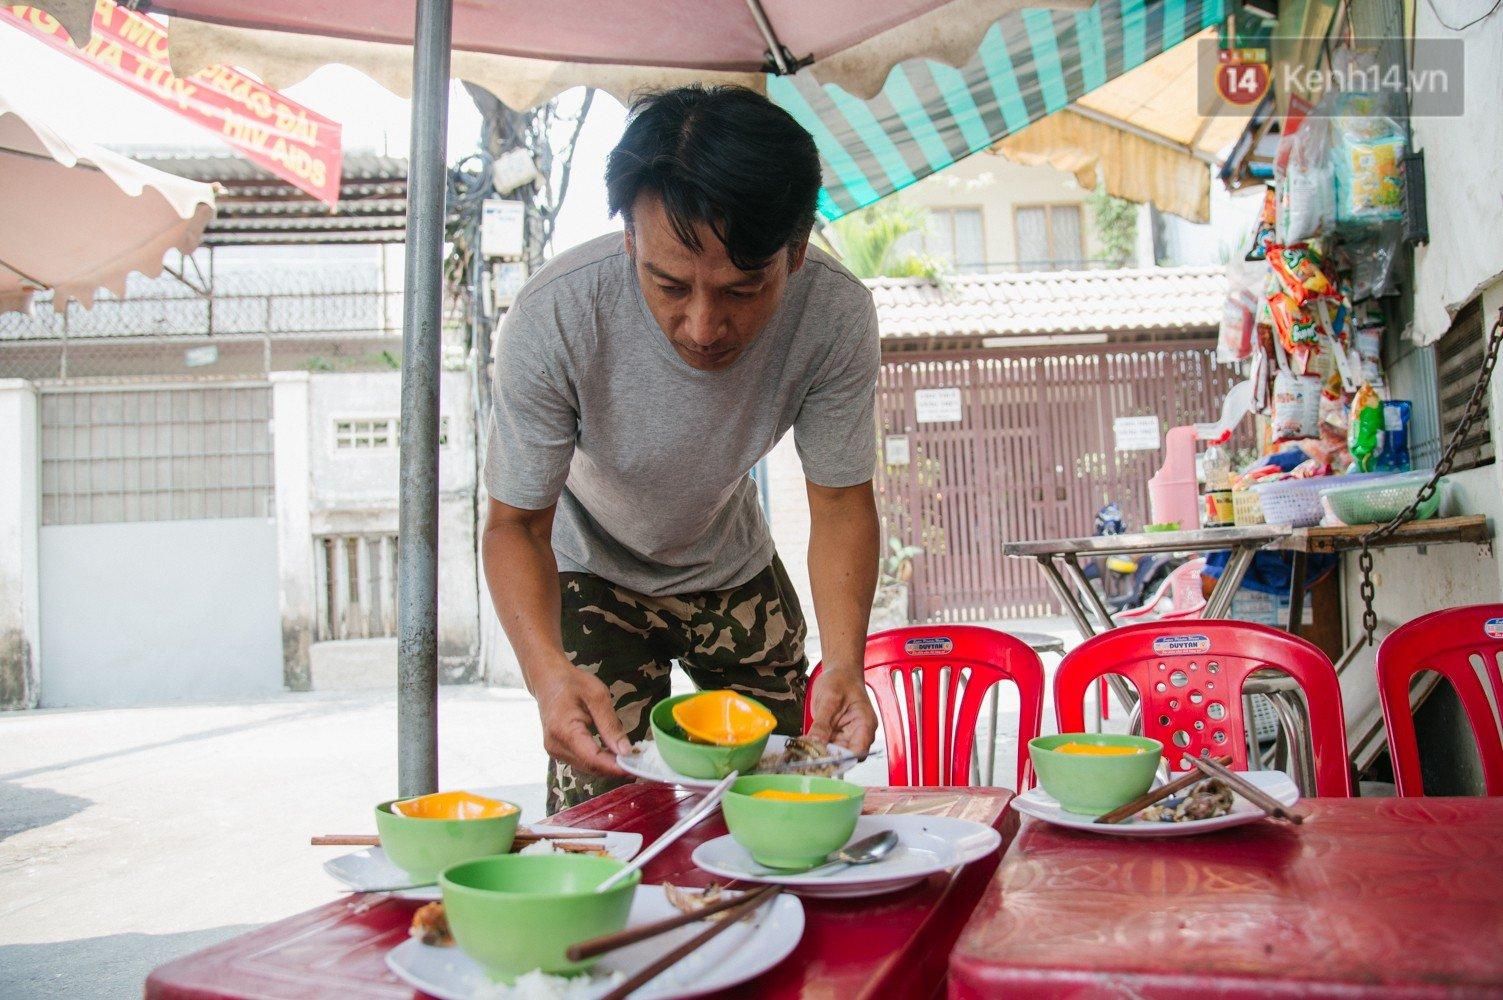 Cô bán cơm dễ thương hết sức ở Sài Gòn: